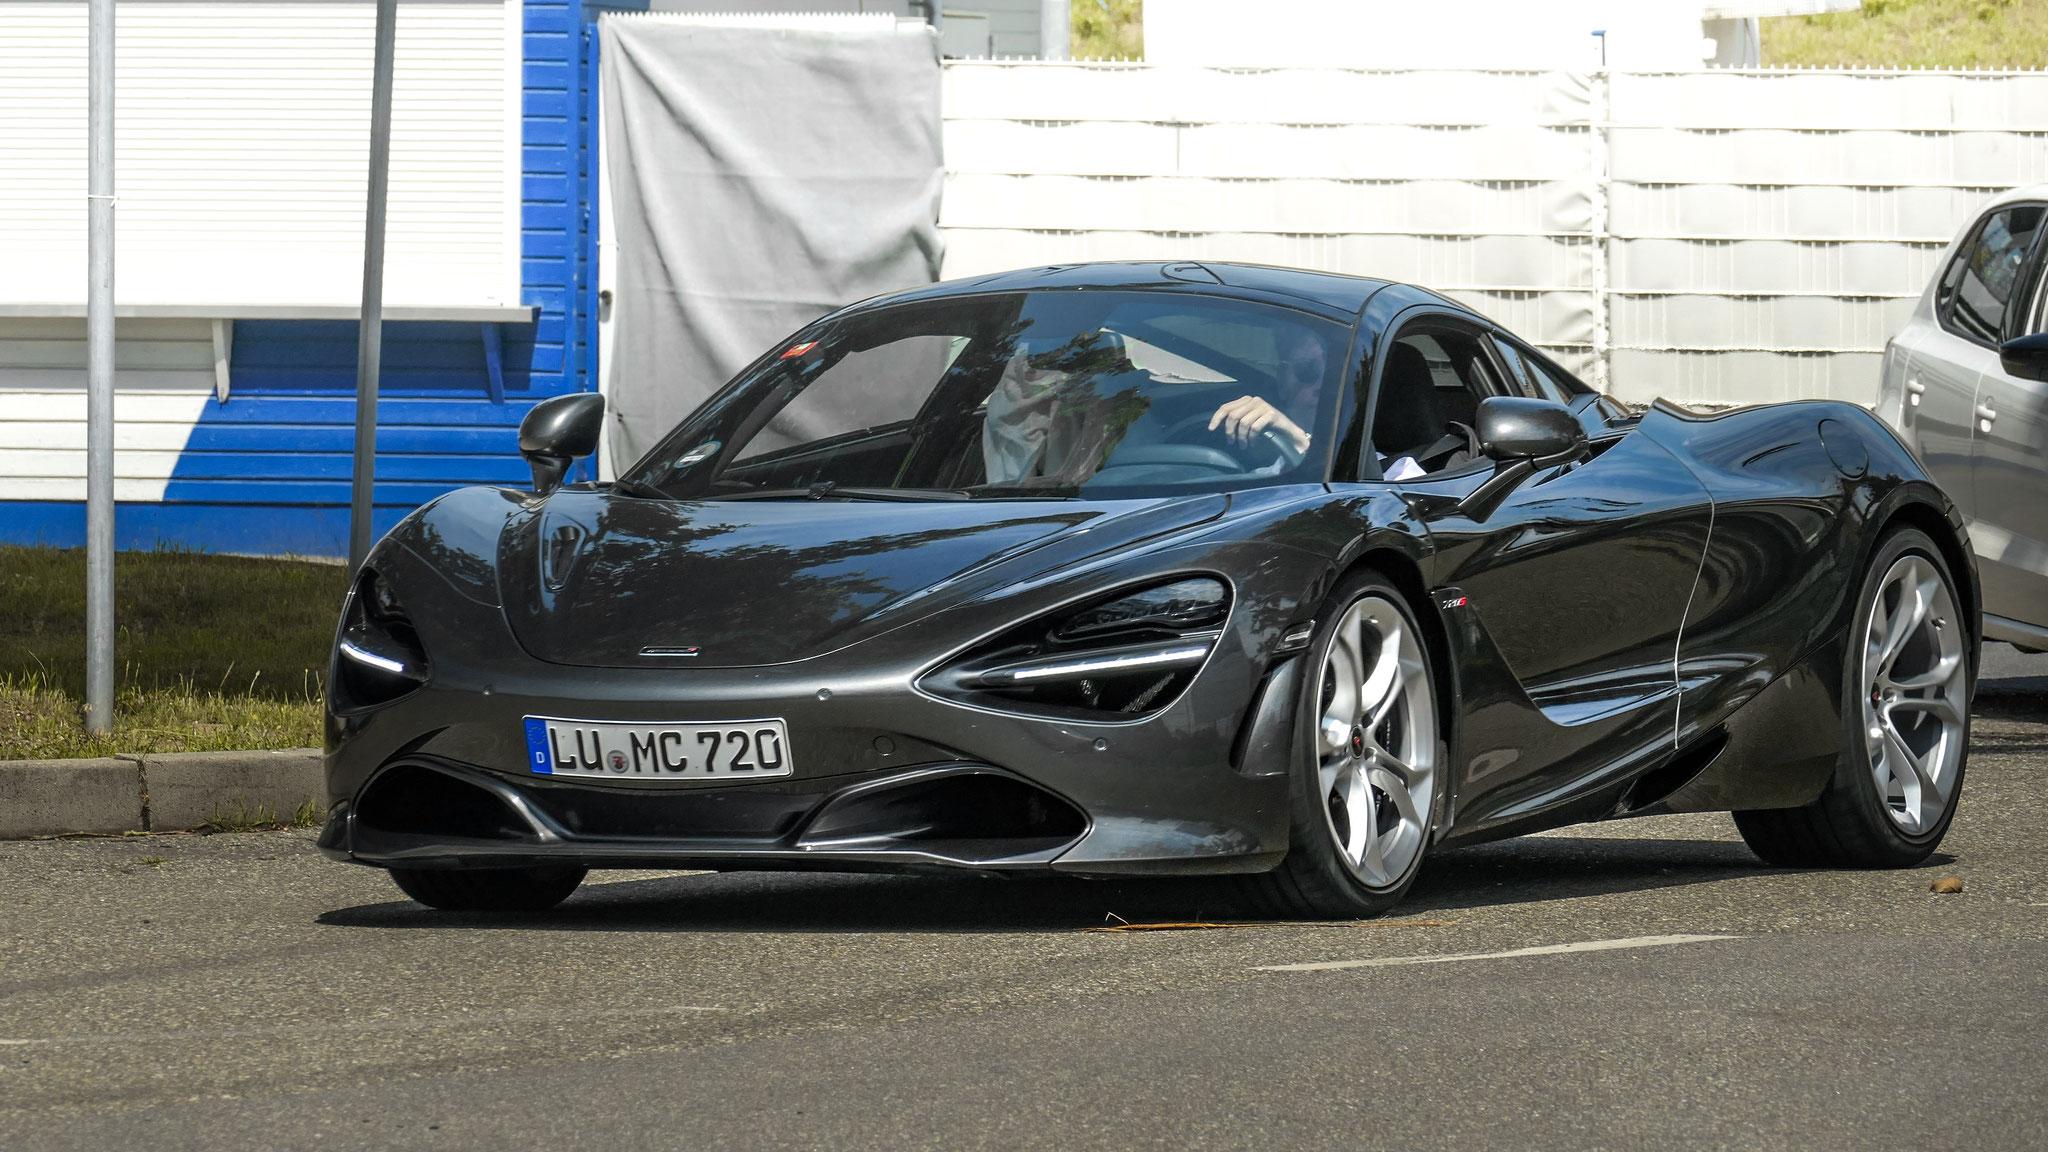 McLaren 720S - LU-MC-720